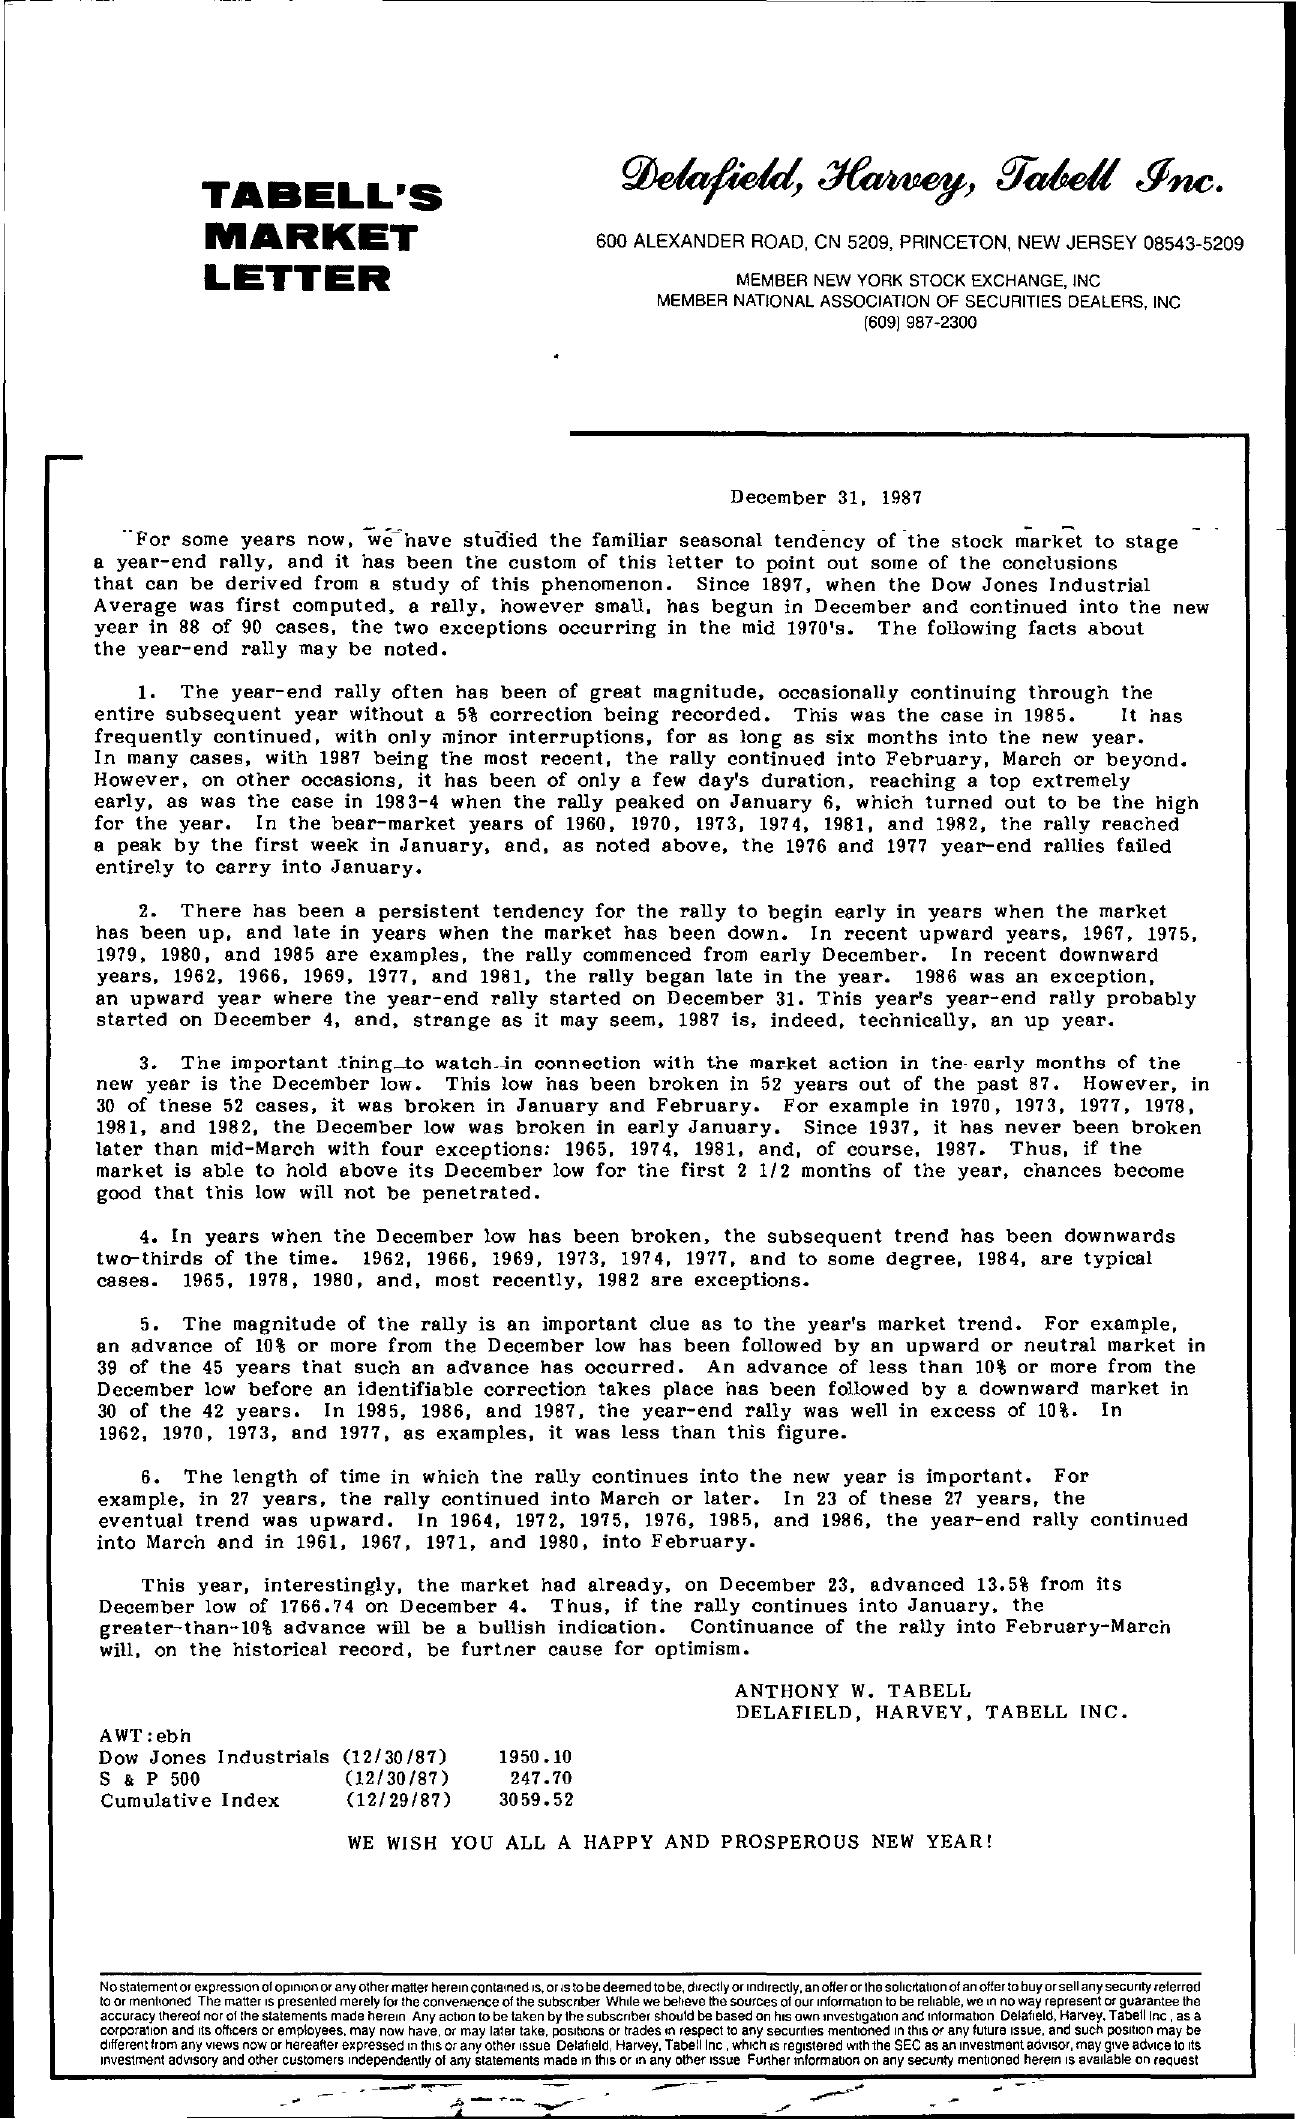 Tabell's Market Letter - December 31, 1987